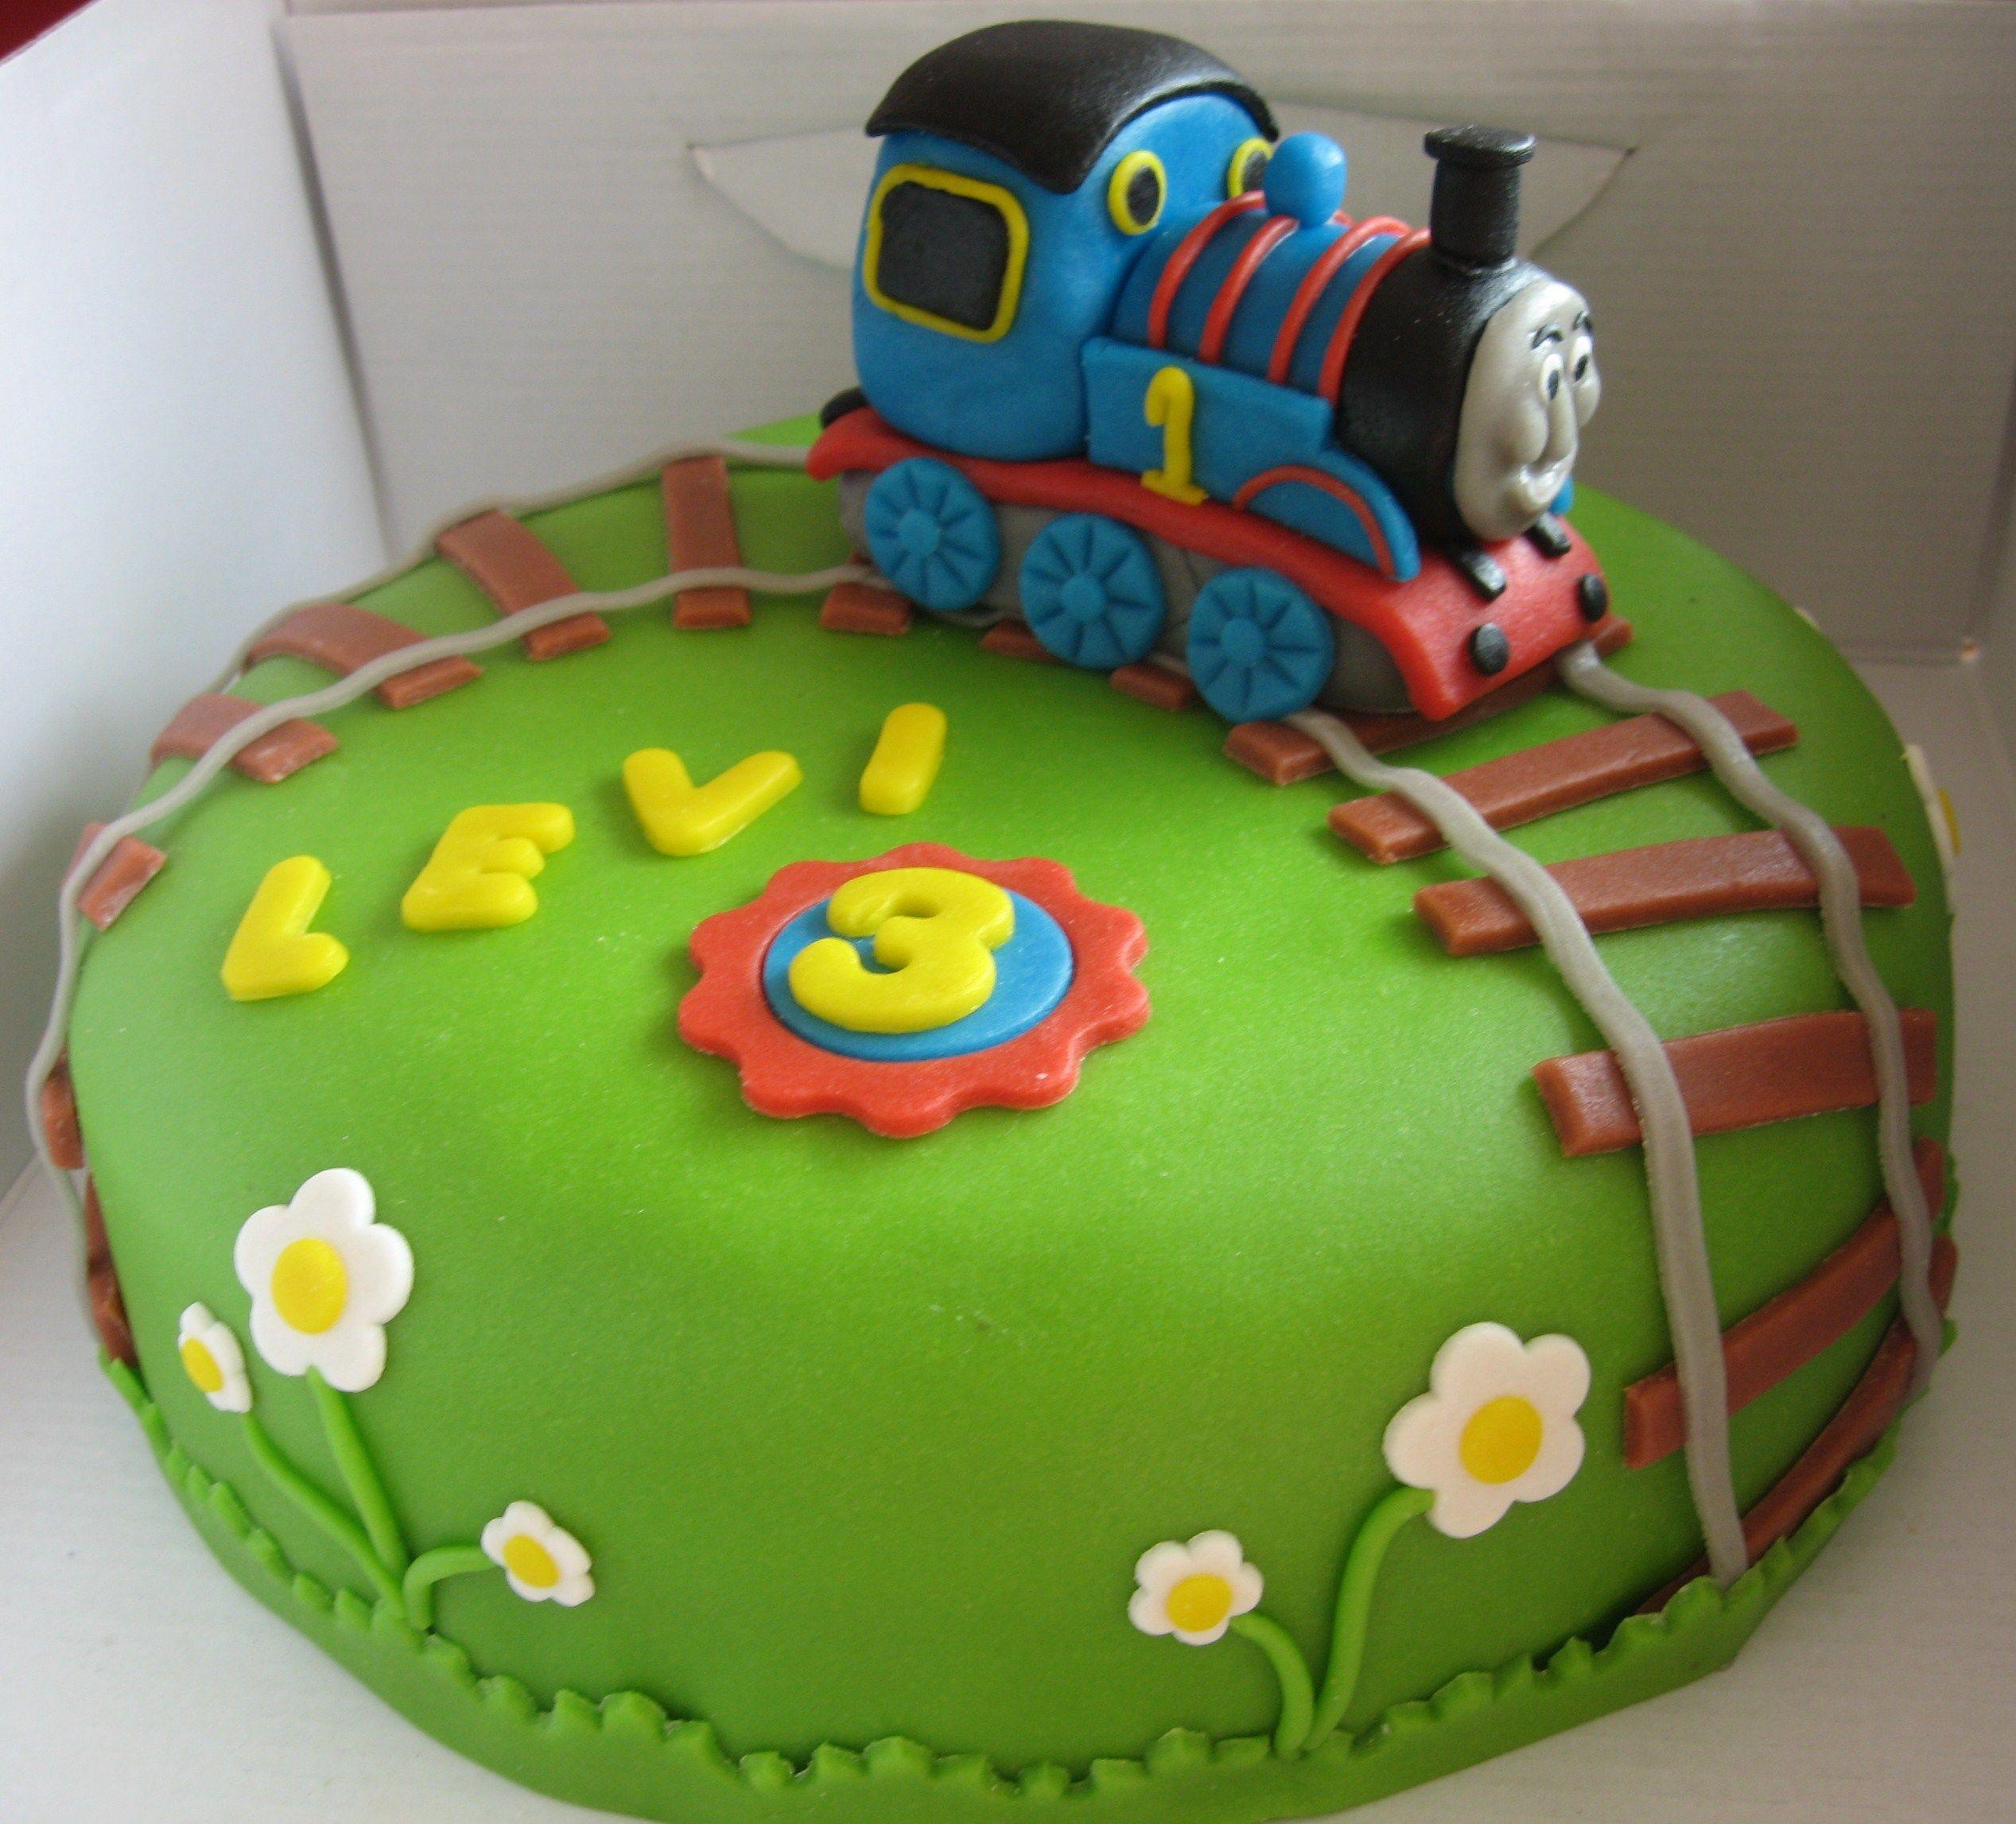 Iets Nieuws Thomas de trein taart! | Creatief | Trein taarten, Taart y Taart maken &ZB73